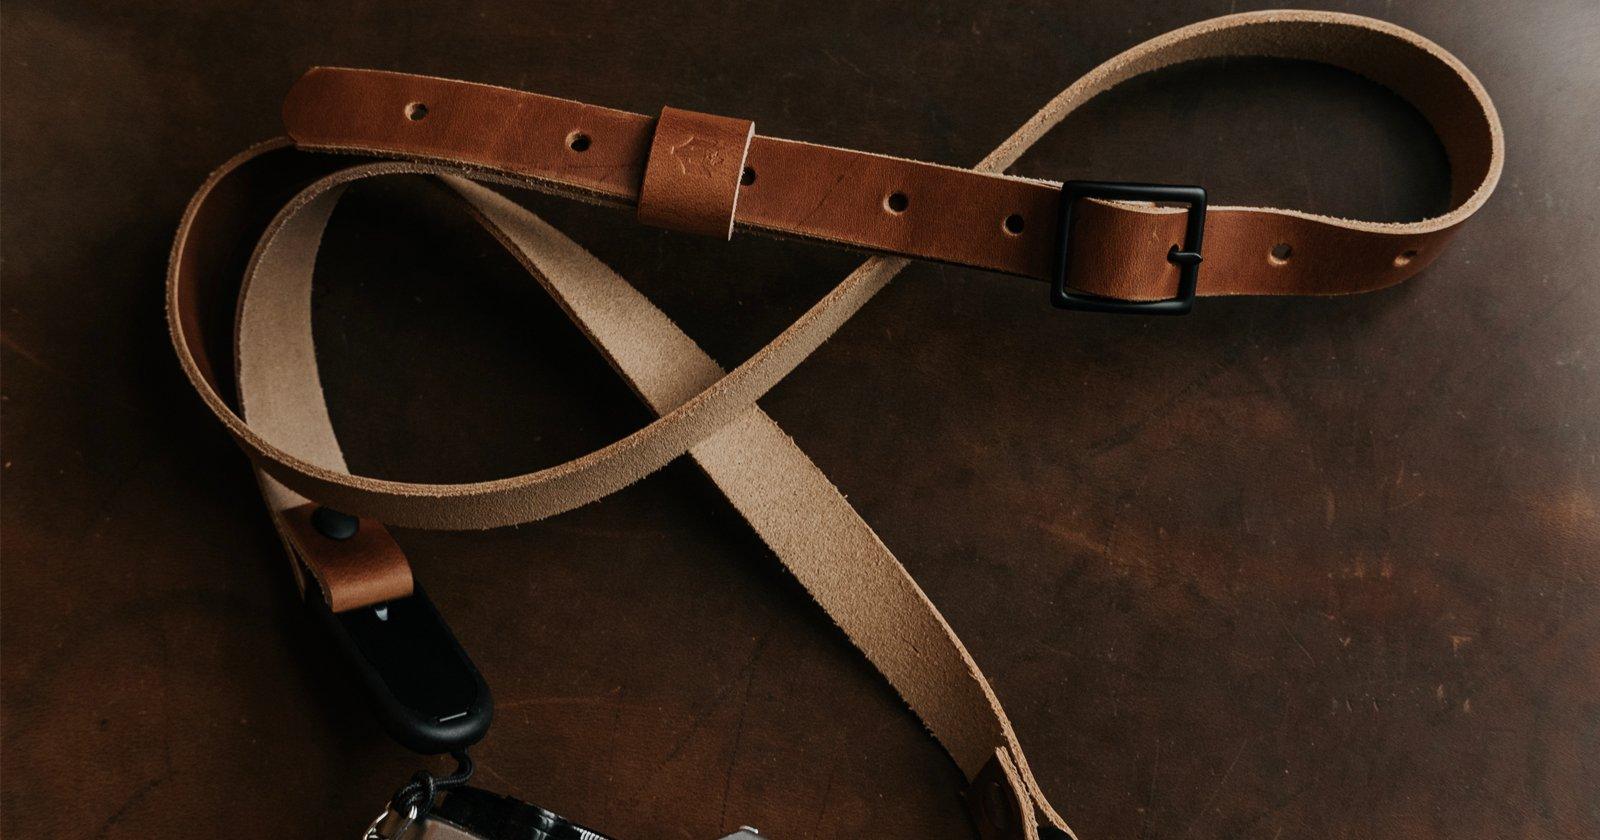 Clever Supply svela il suo primo cinturino in pelle regolabile